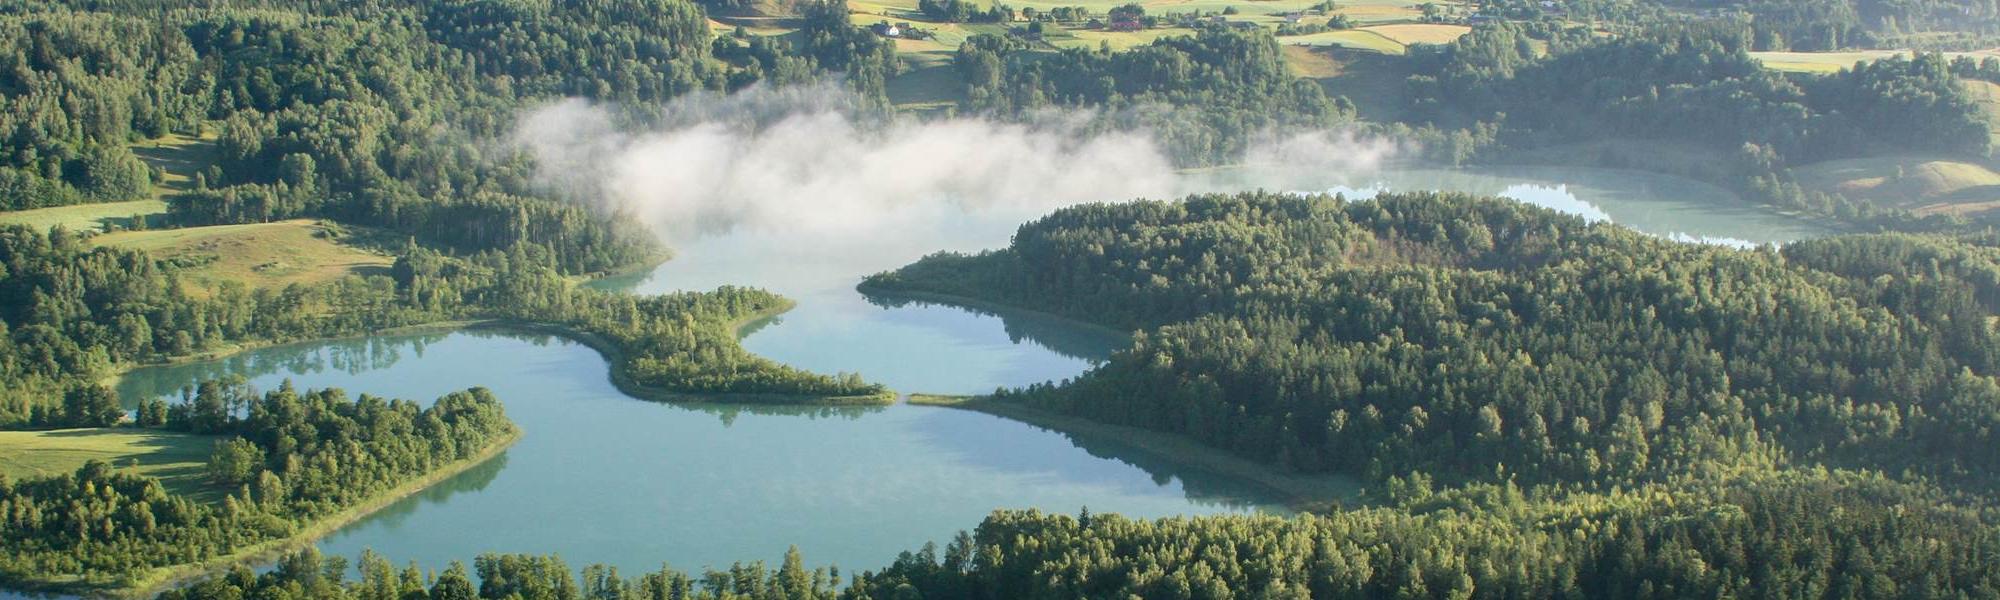 Zdjęcie Jeziora Jaczno